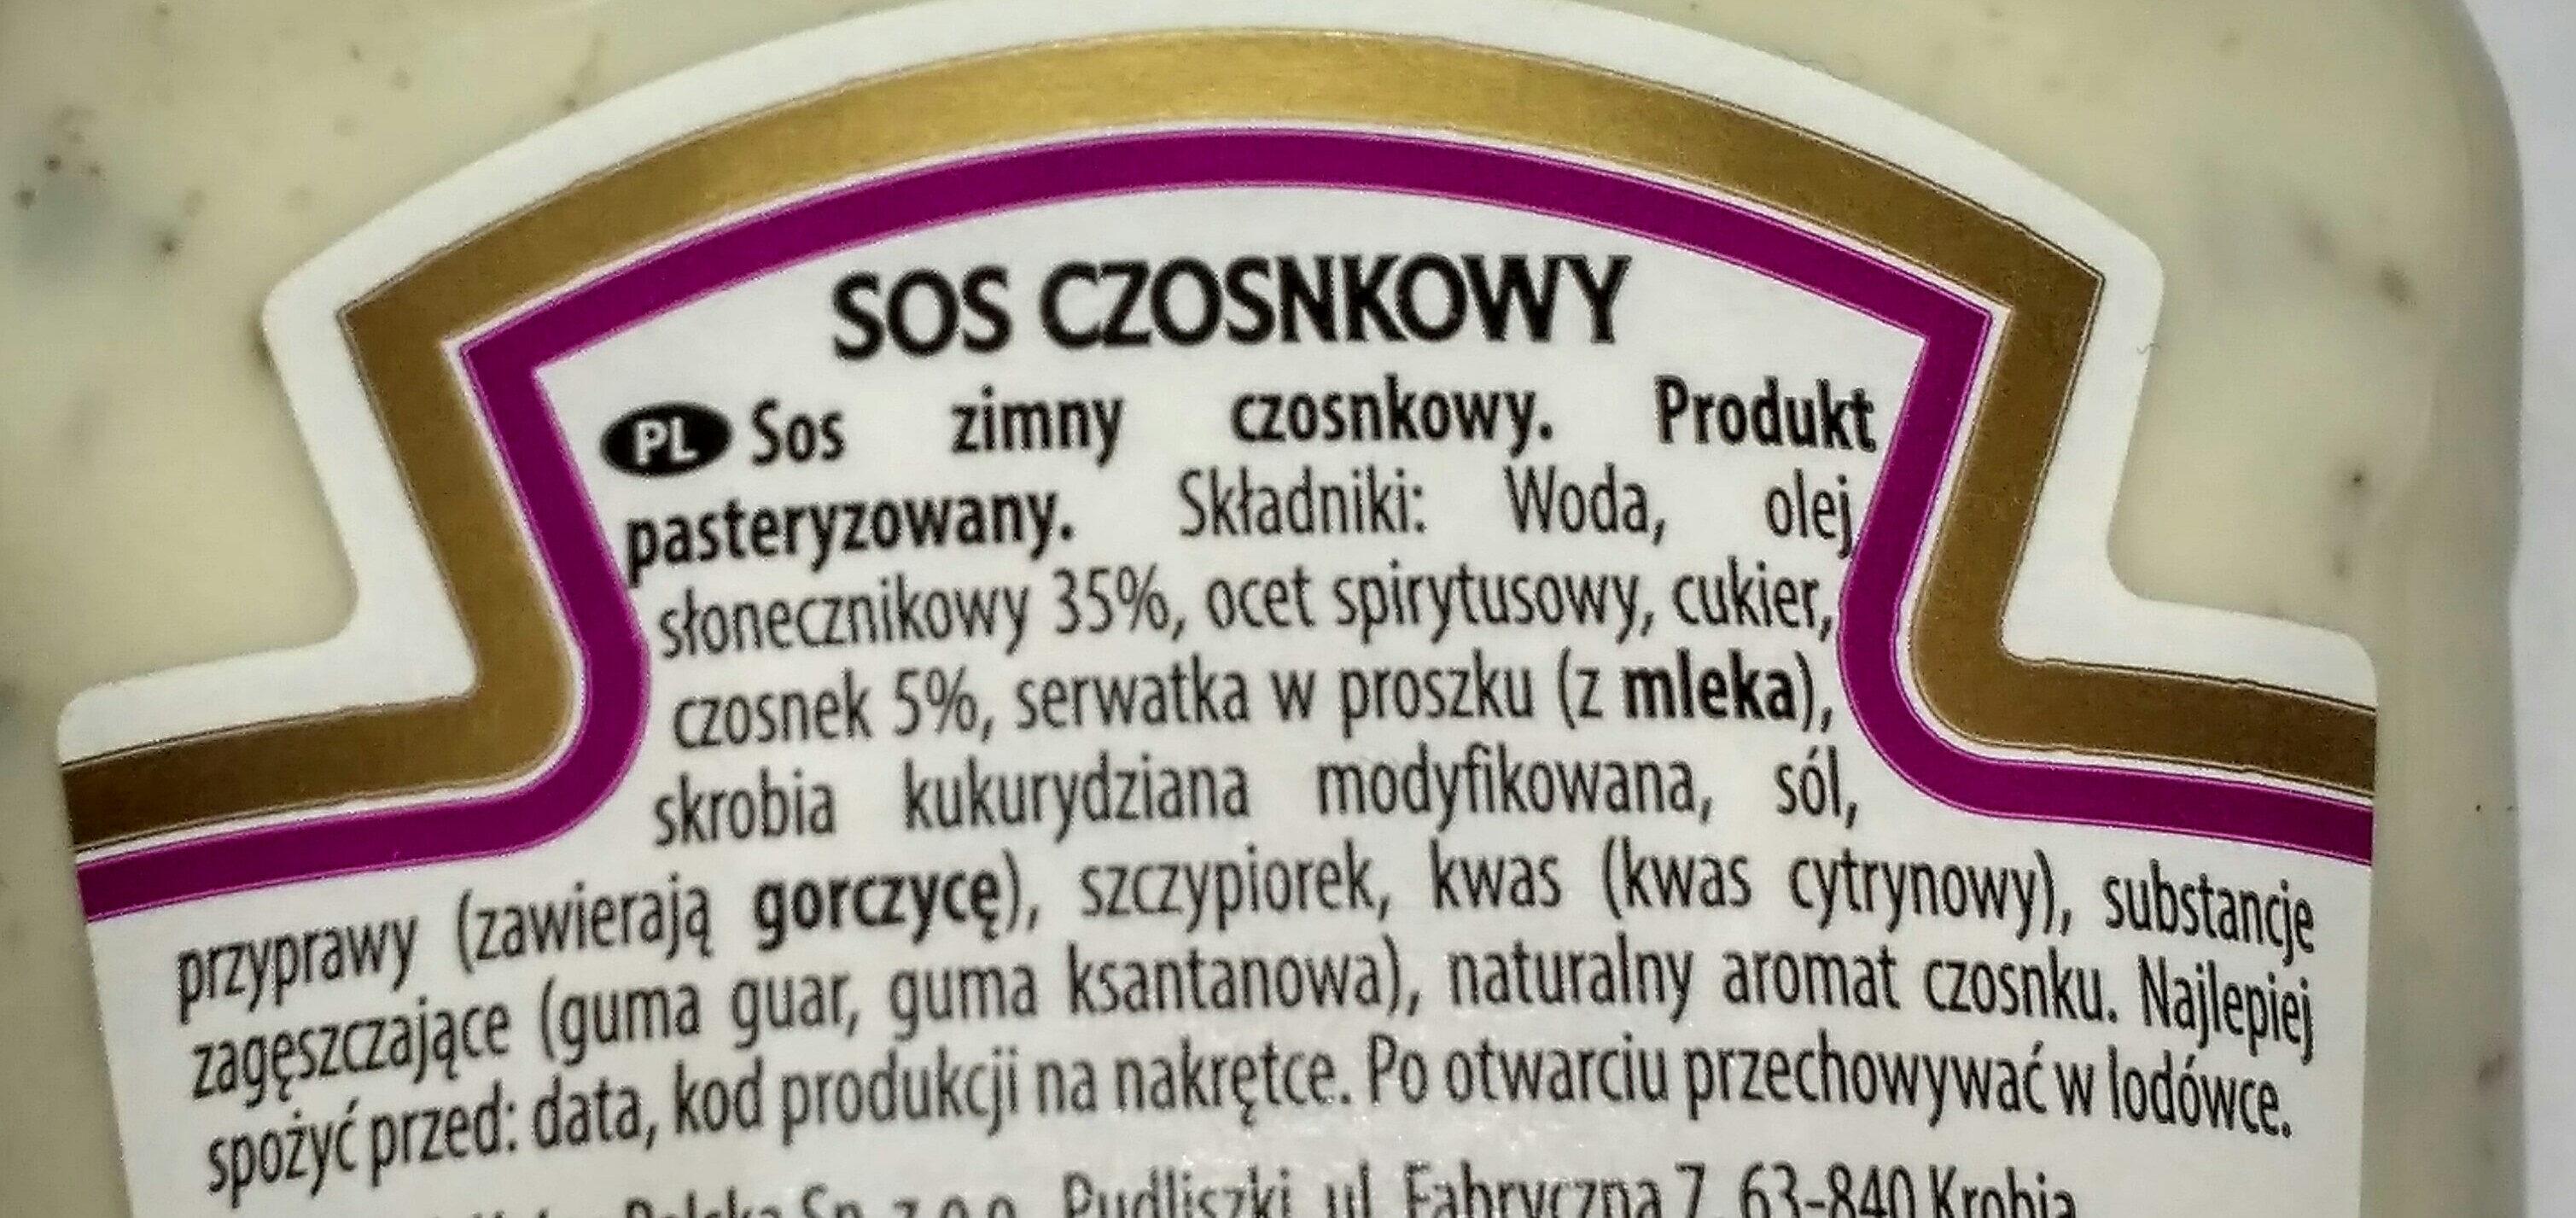 Heinz sos czosnkowy - Ingredients